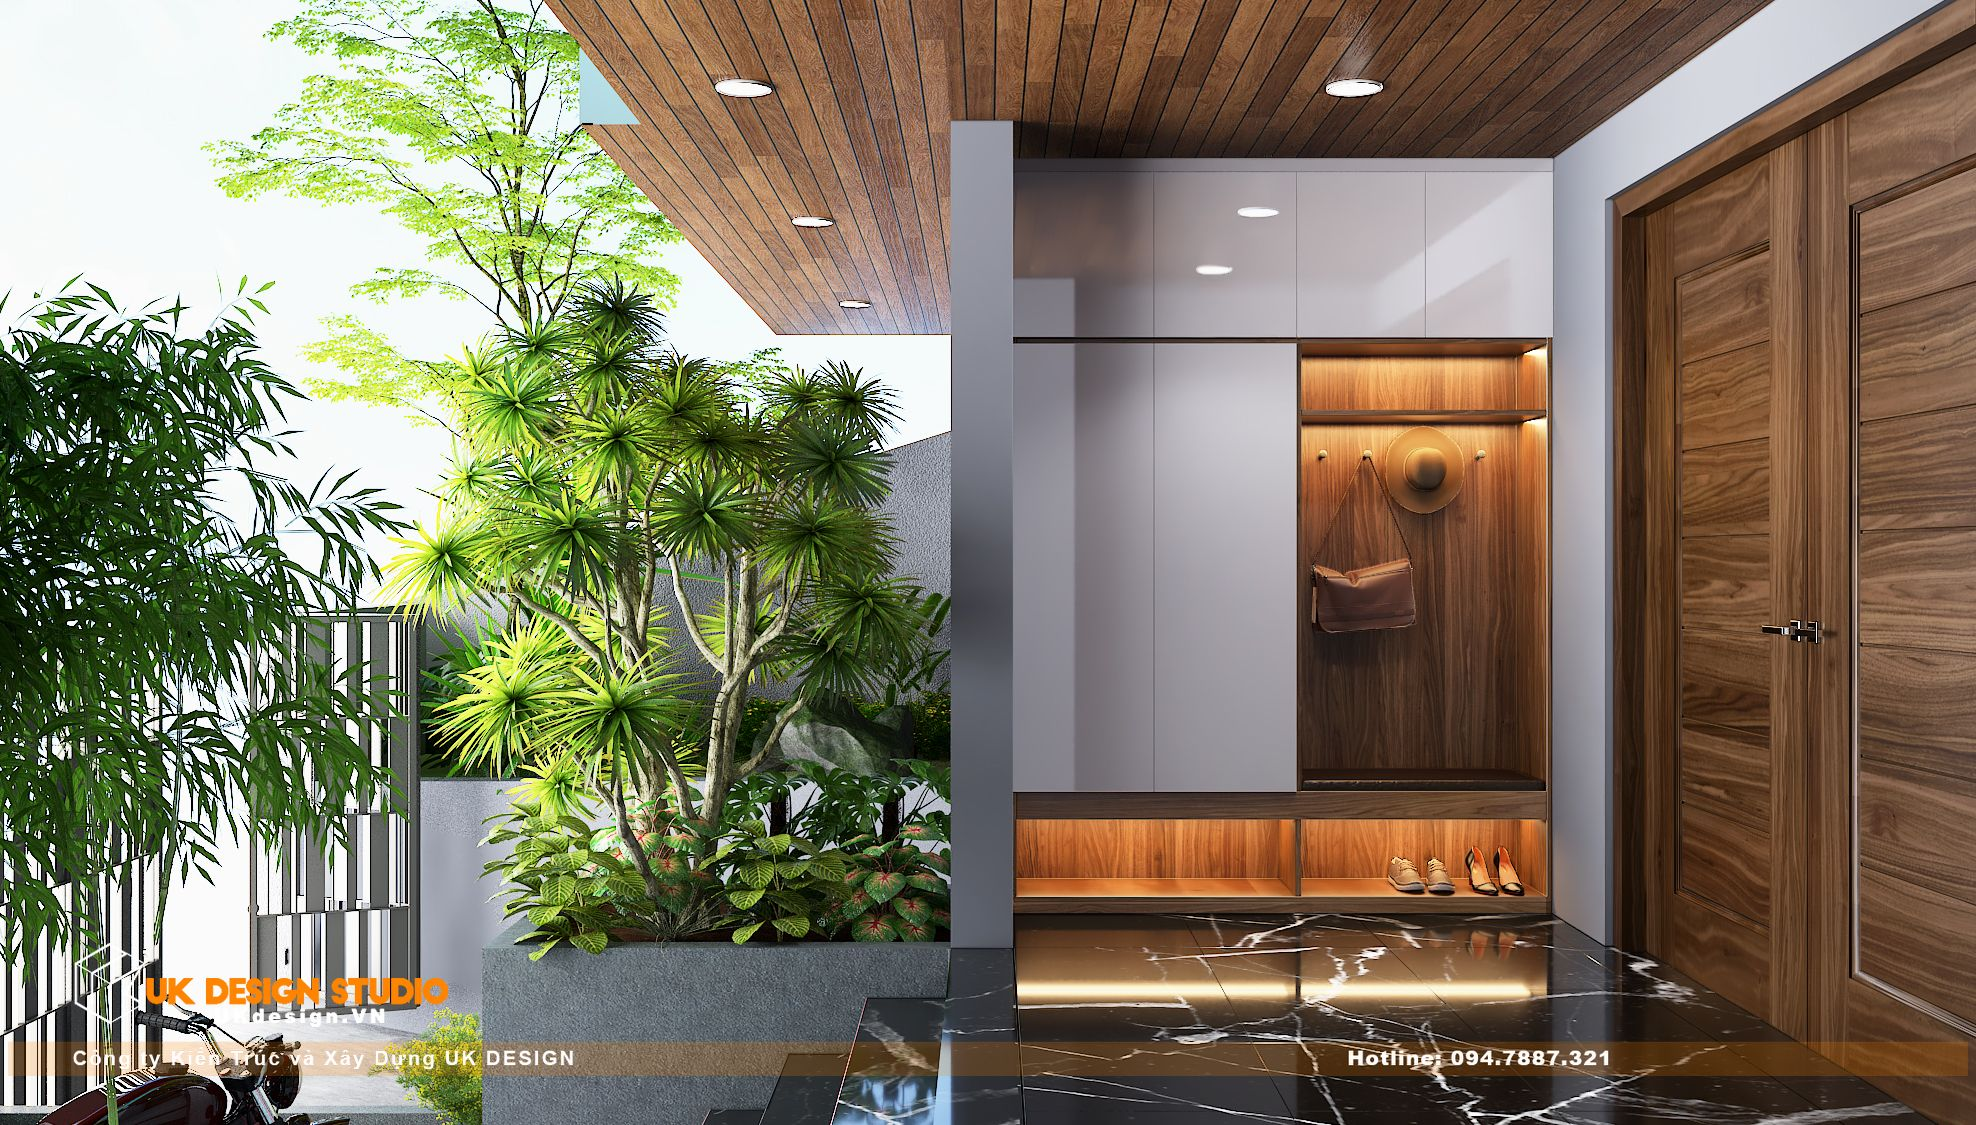 Thiết kế nội thất biệt thự nhà đẹp 3 tầng ở Quận 8 - cửa vào 1